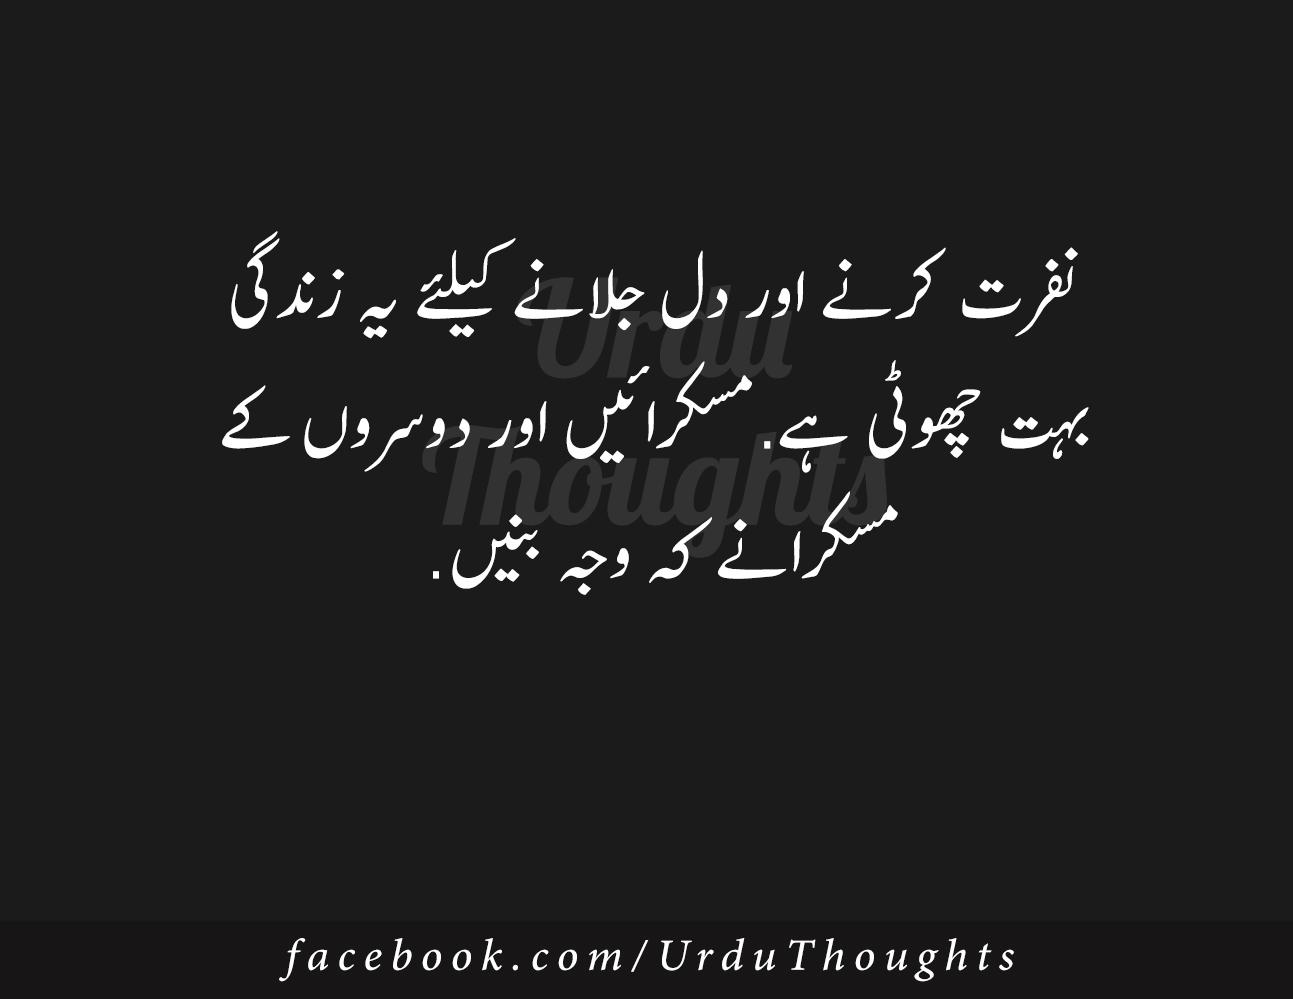 Amazing Urdu Quotes Pics - Facebook Urdu Quotes Images ...